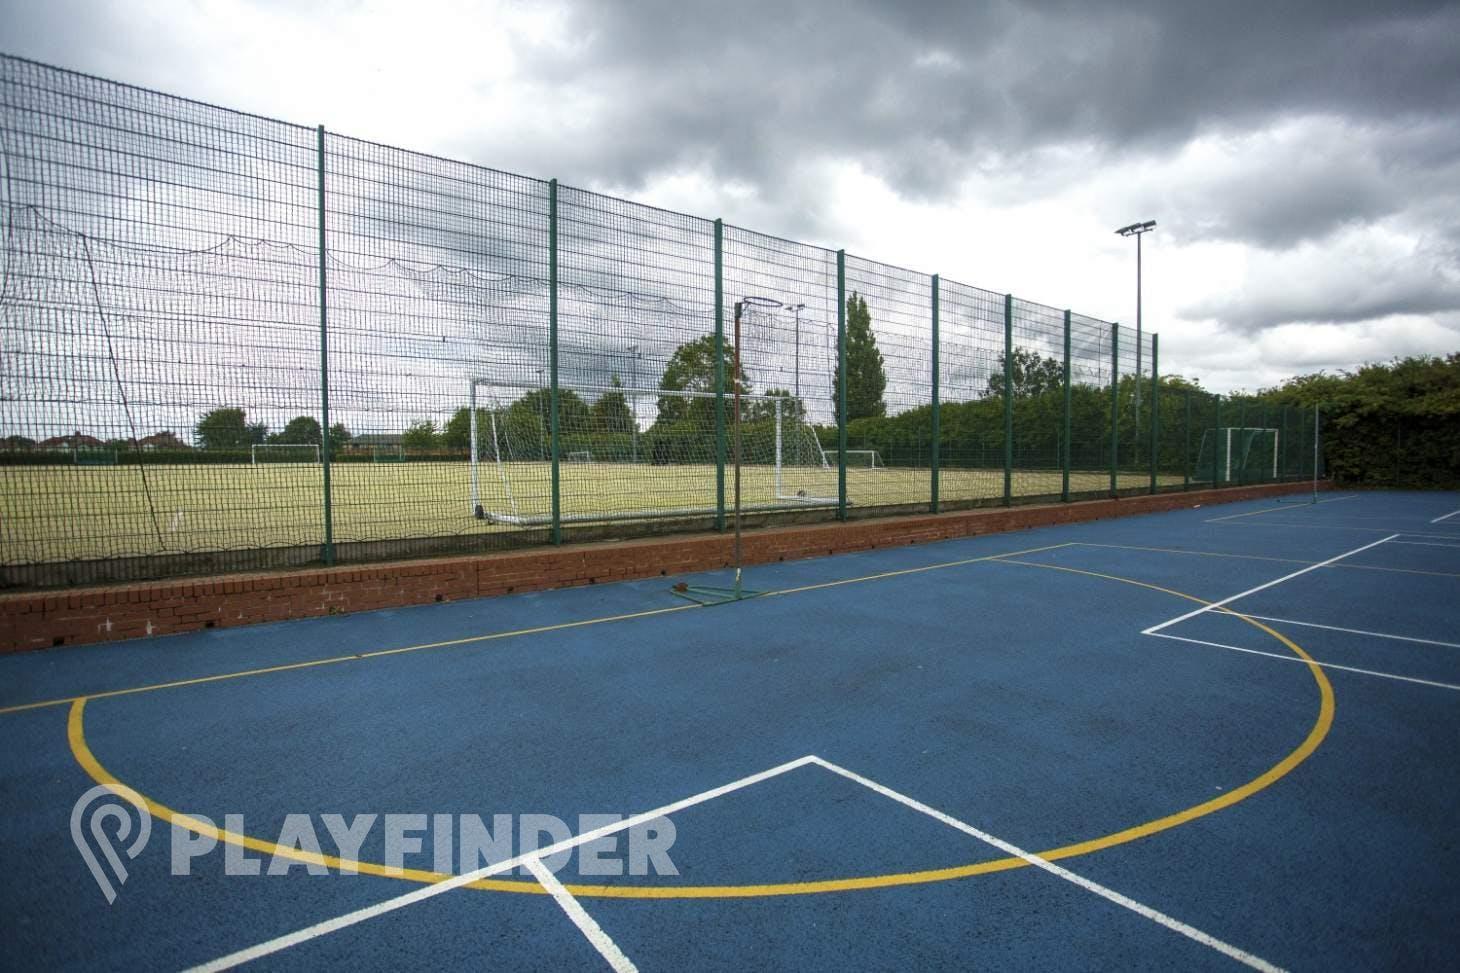 Herschel Sports Outdoor | Hard (macadam) netball court